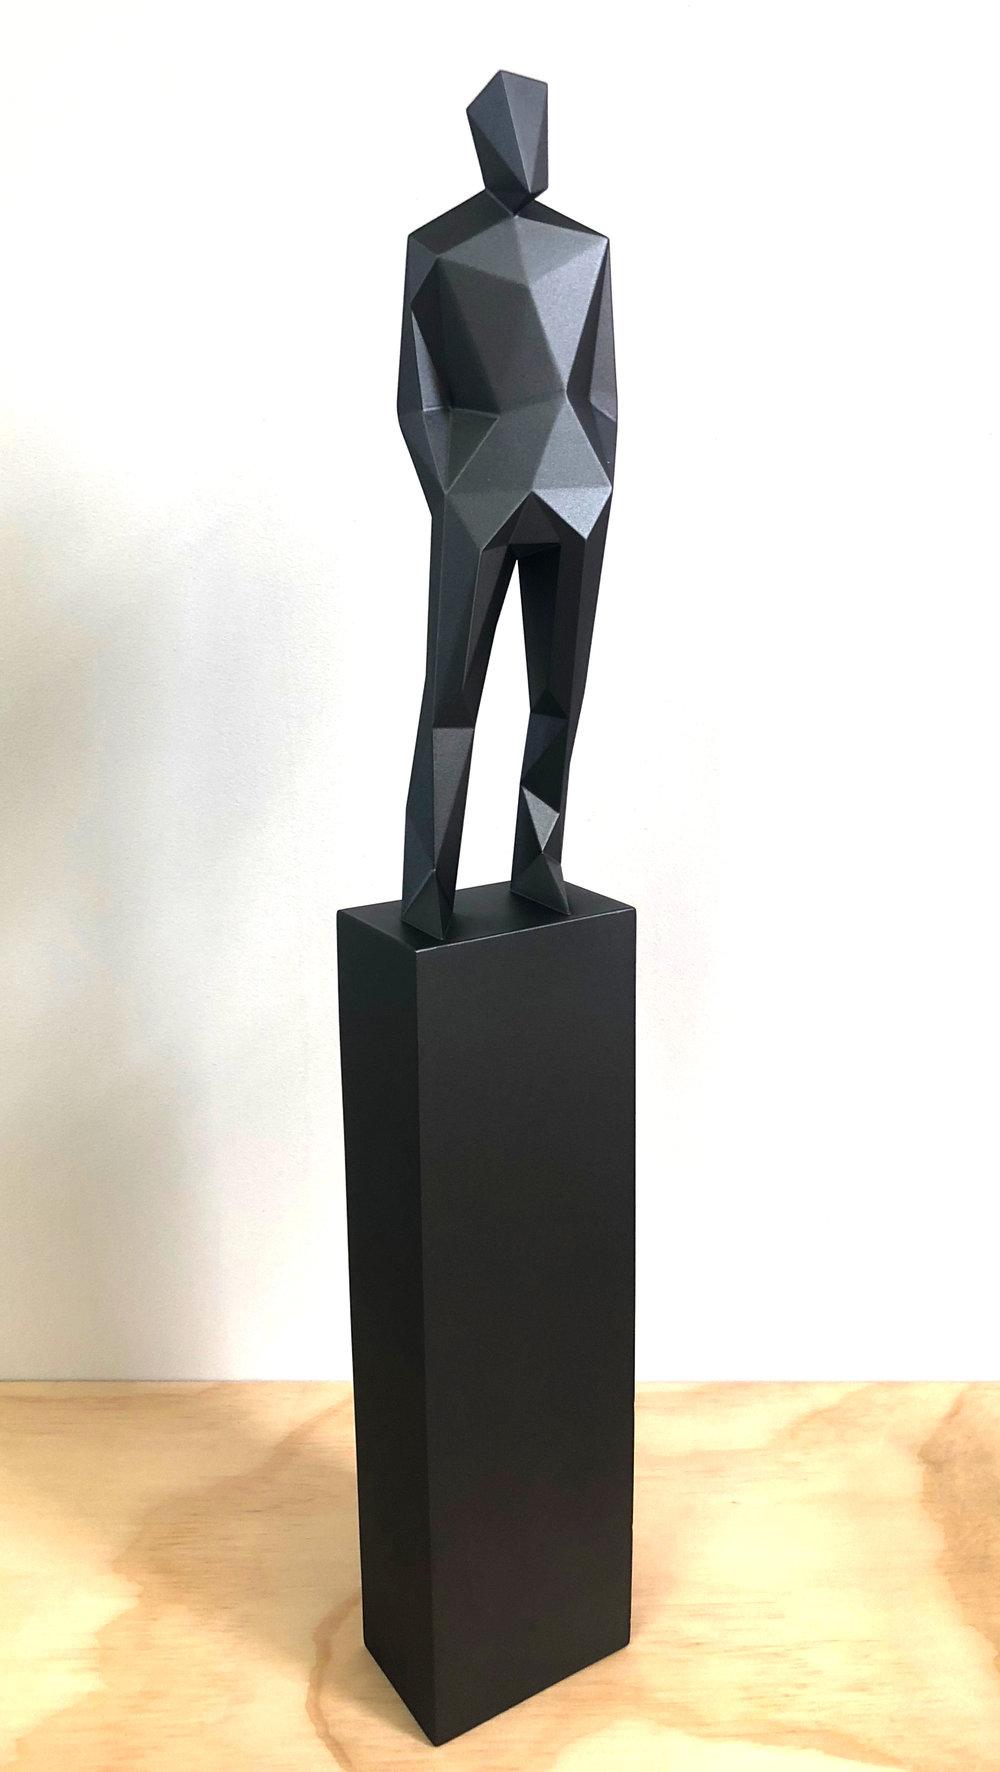 Benjamin, 2018 by Ben Foster